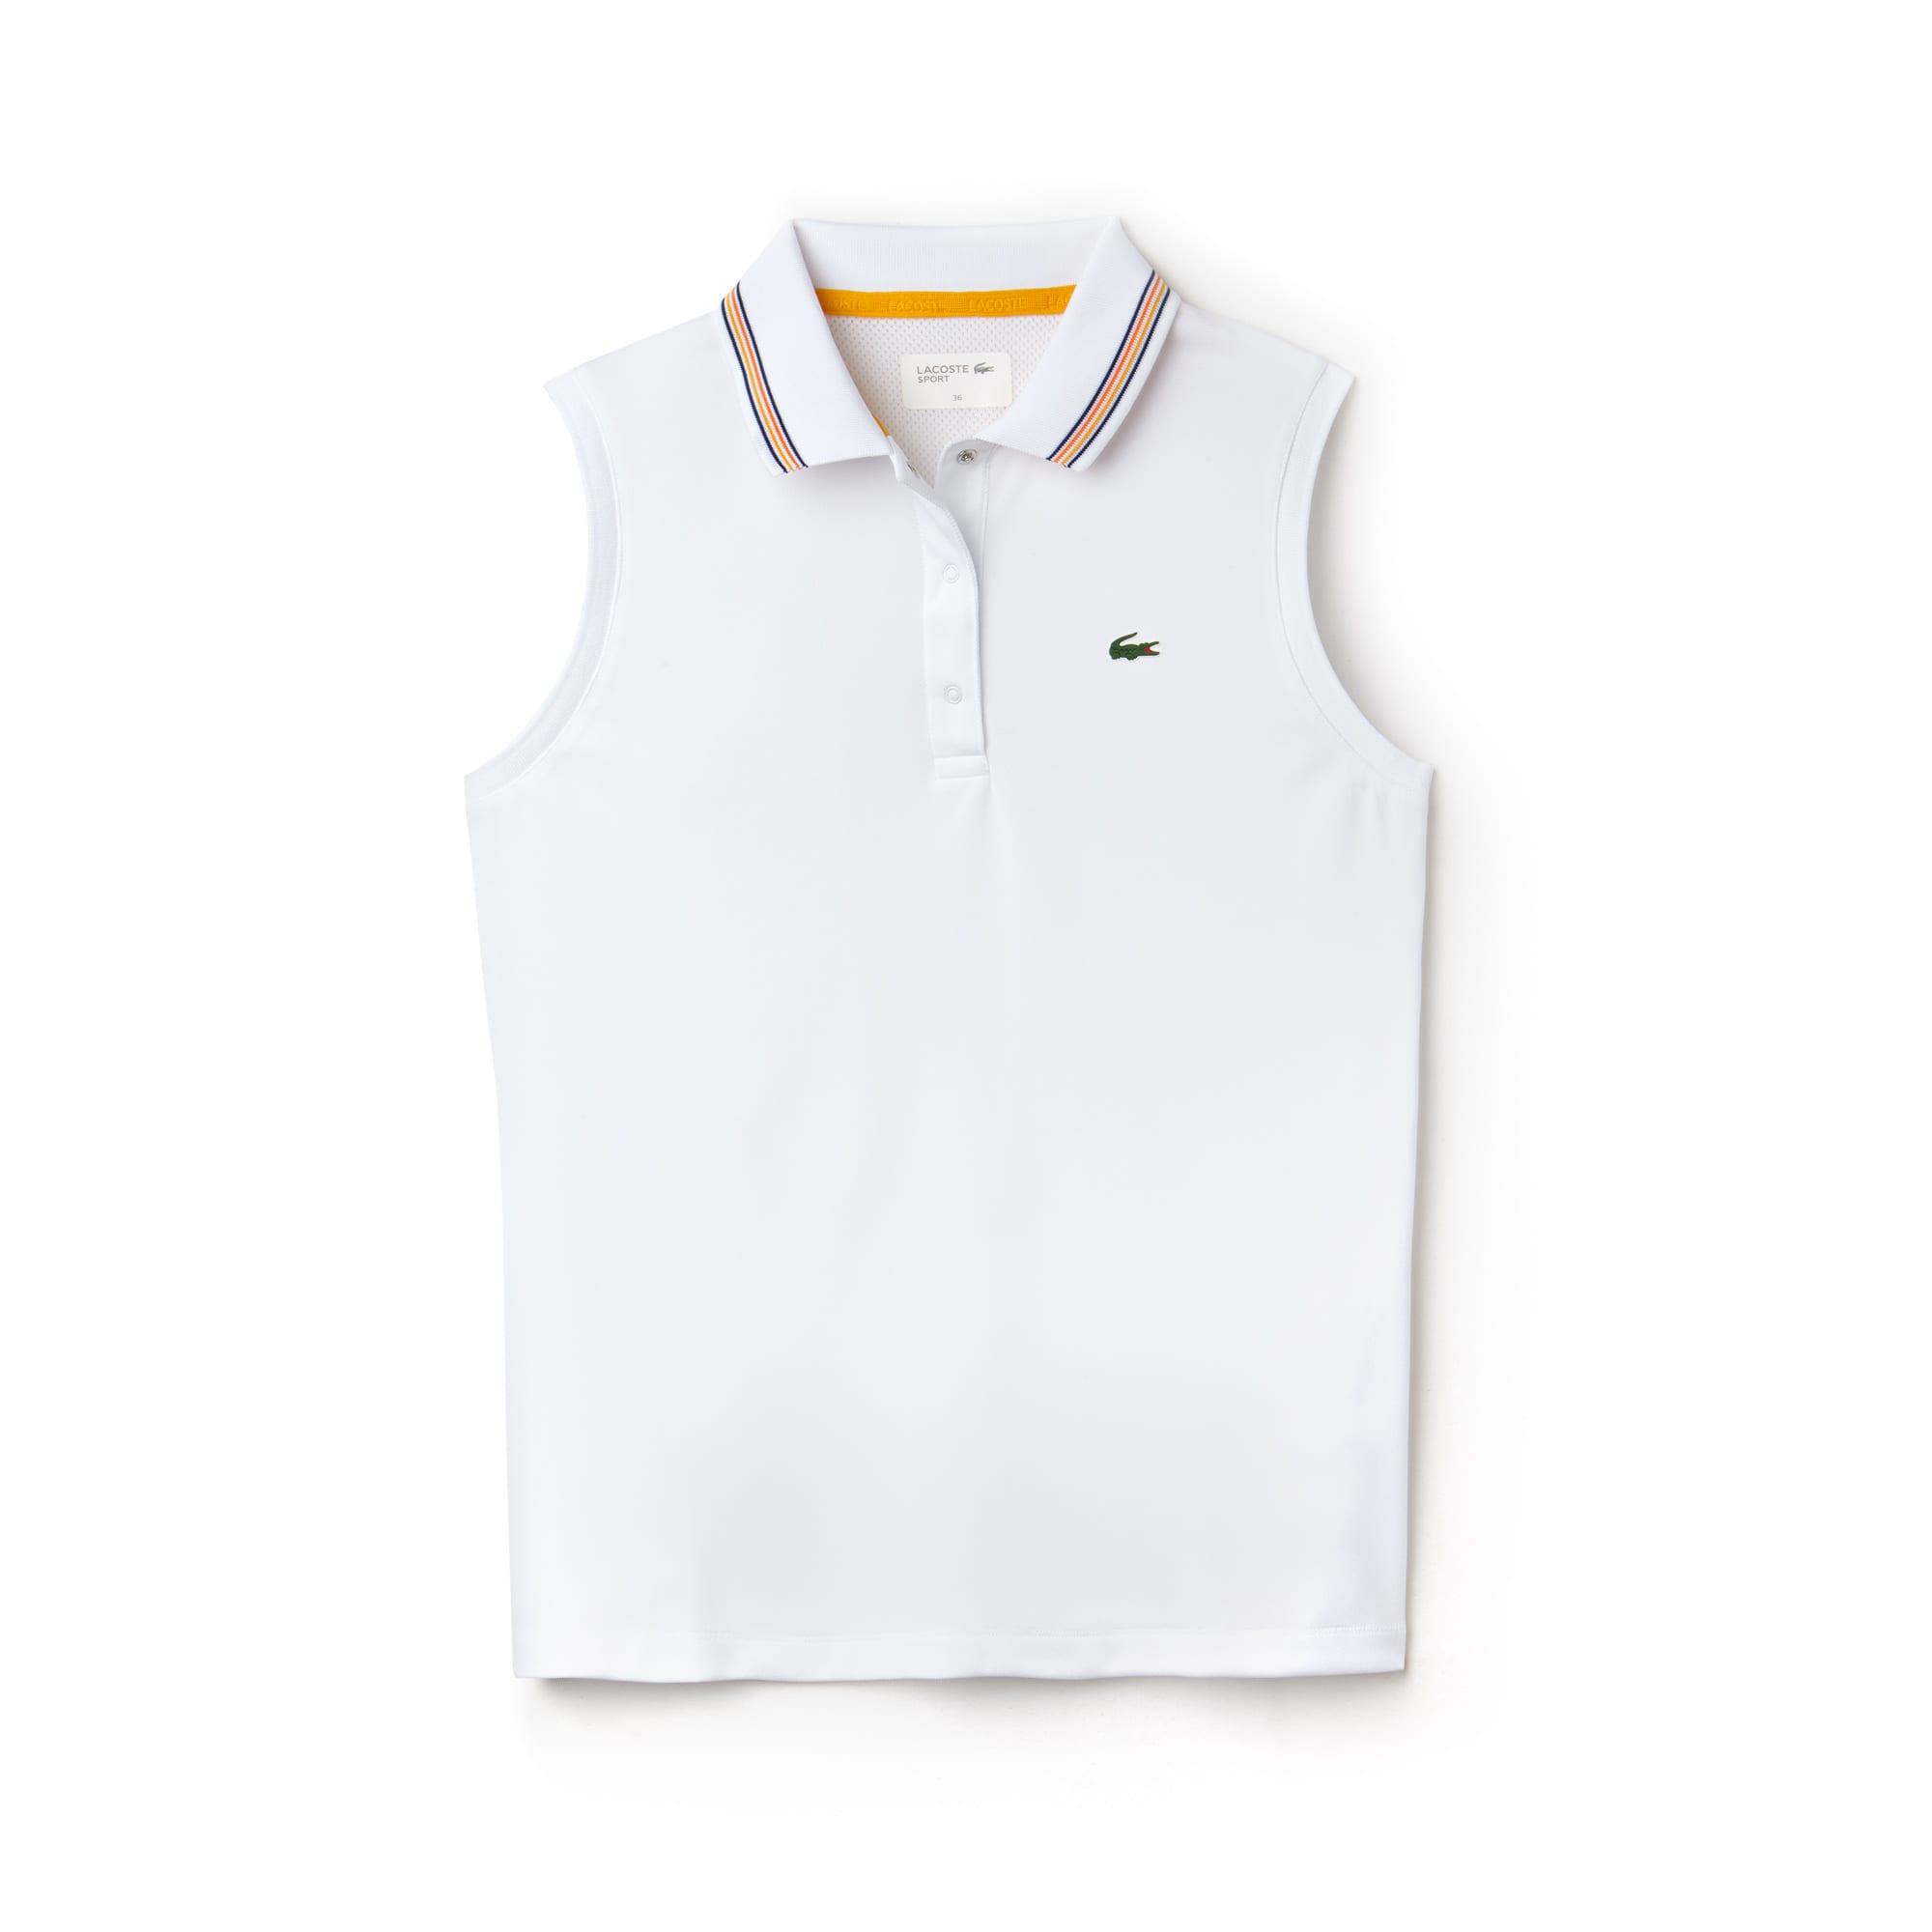 Damen LACOSTE SPORT Tennis-Poloshirt aus Jersey und Piqué